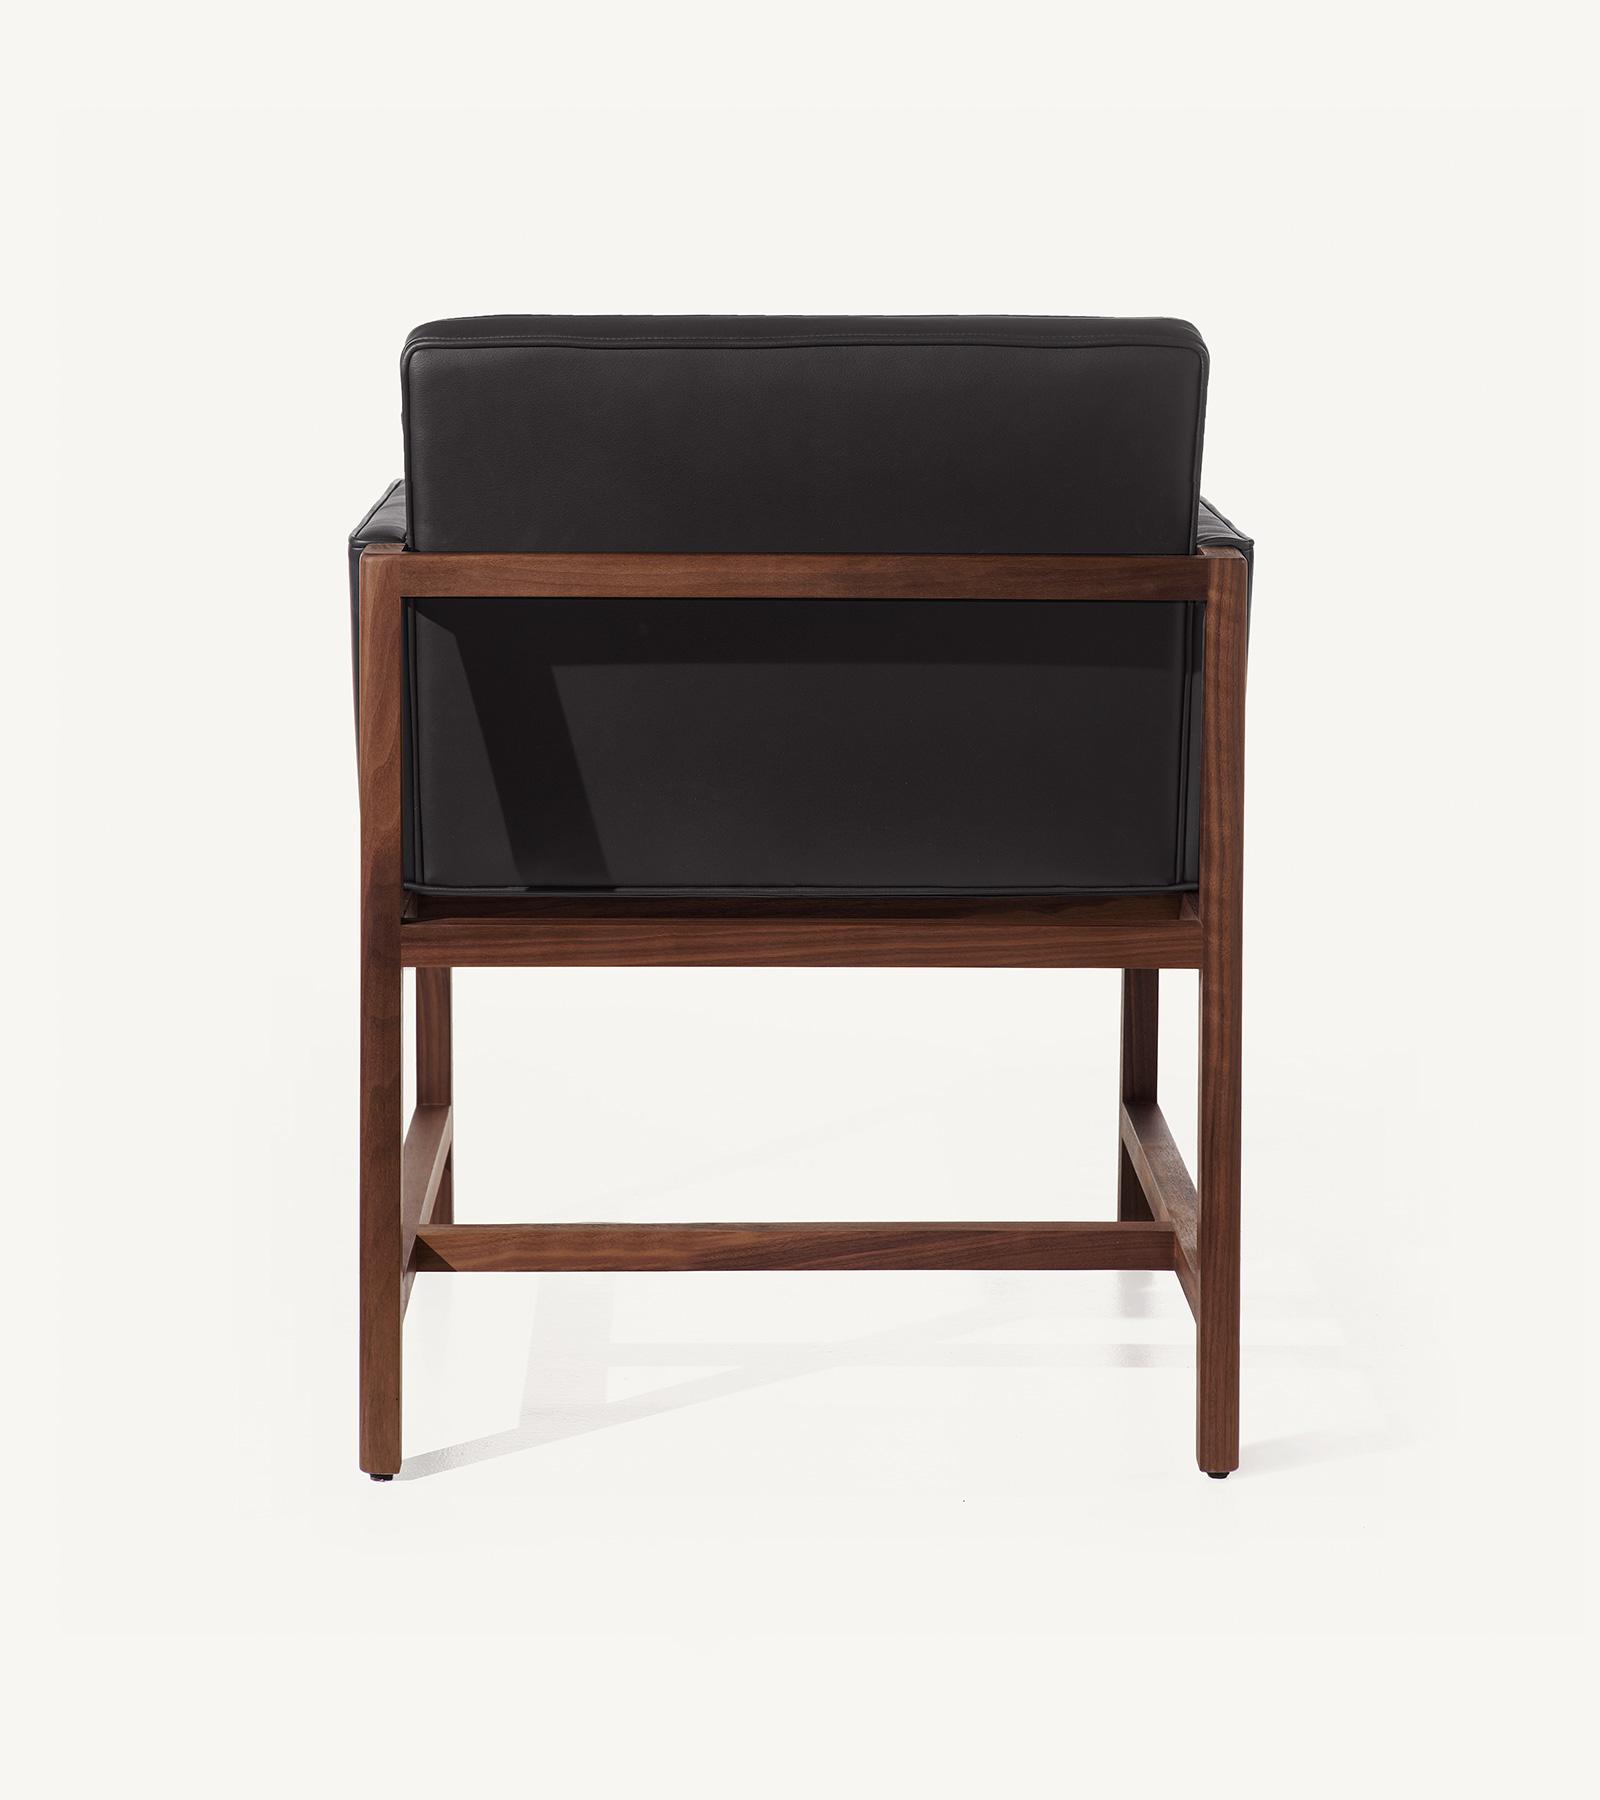 TinnappleMetz-bassamfellows-Wood-Frame-Chair-04